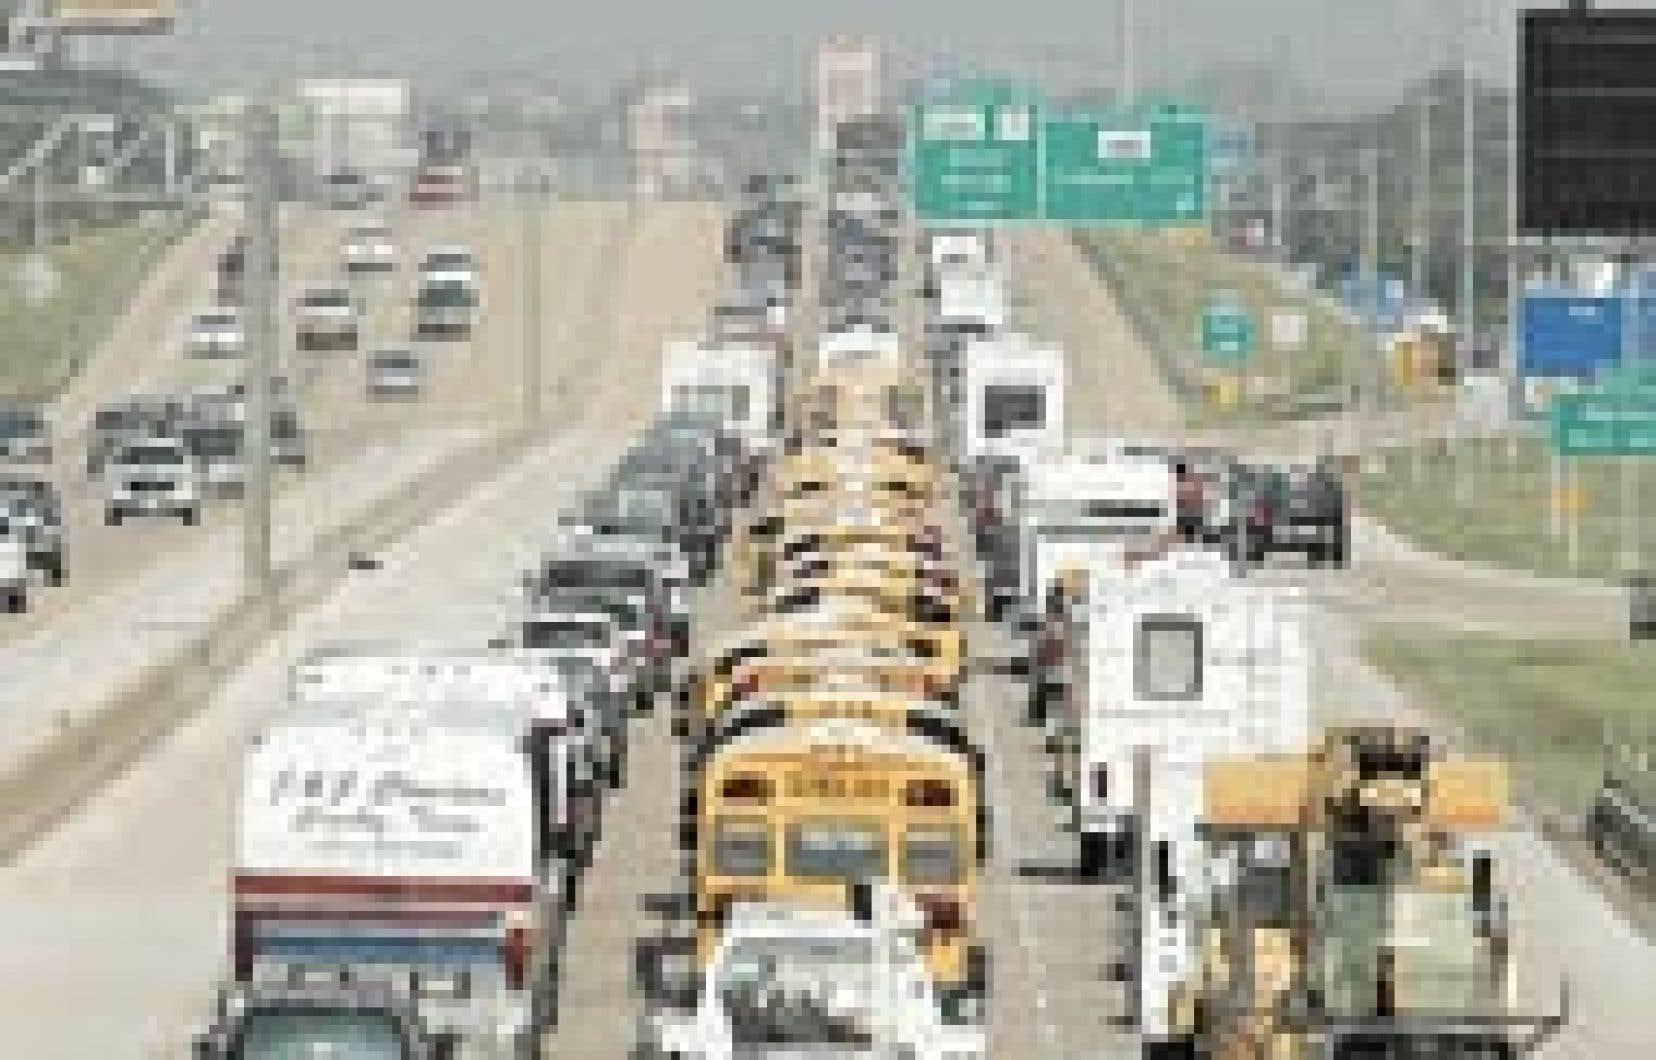 Galveston, au Texas, est évacué à l'approche de Rita. La région concentre 25 % des capacités de raffinage américaines, soit 4,5 millions de barils par jour.